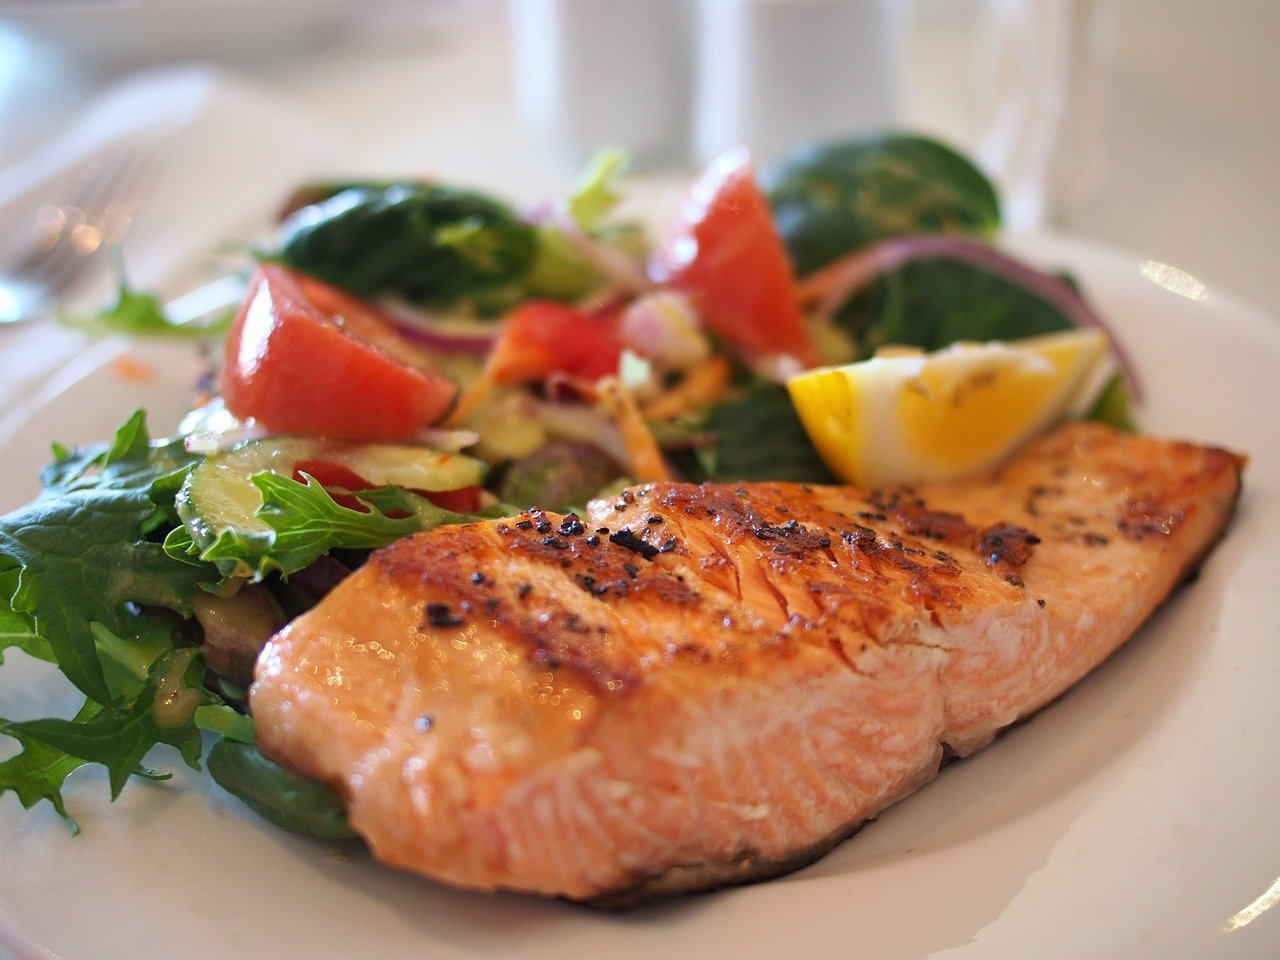 hal, egészséges táplálkozás, böjt